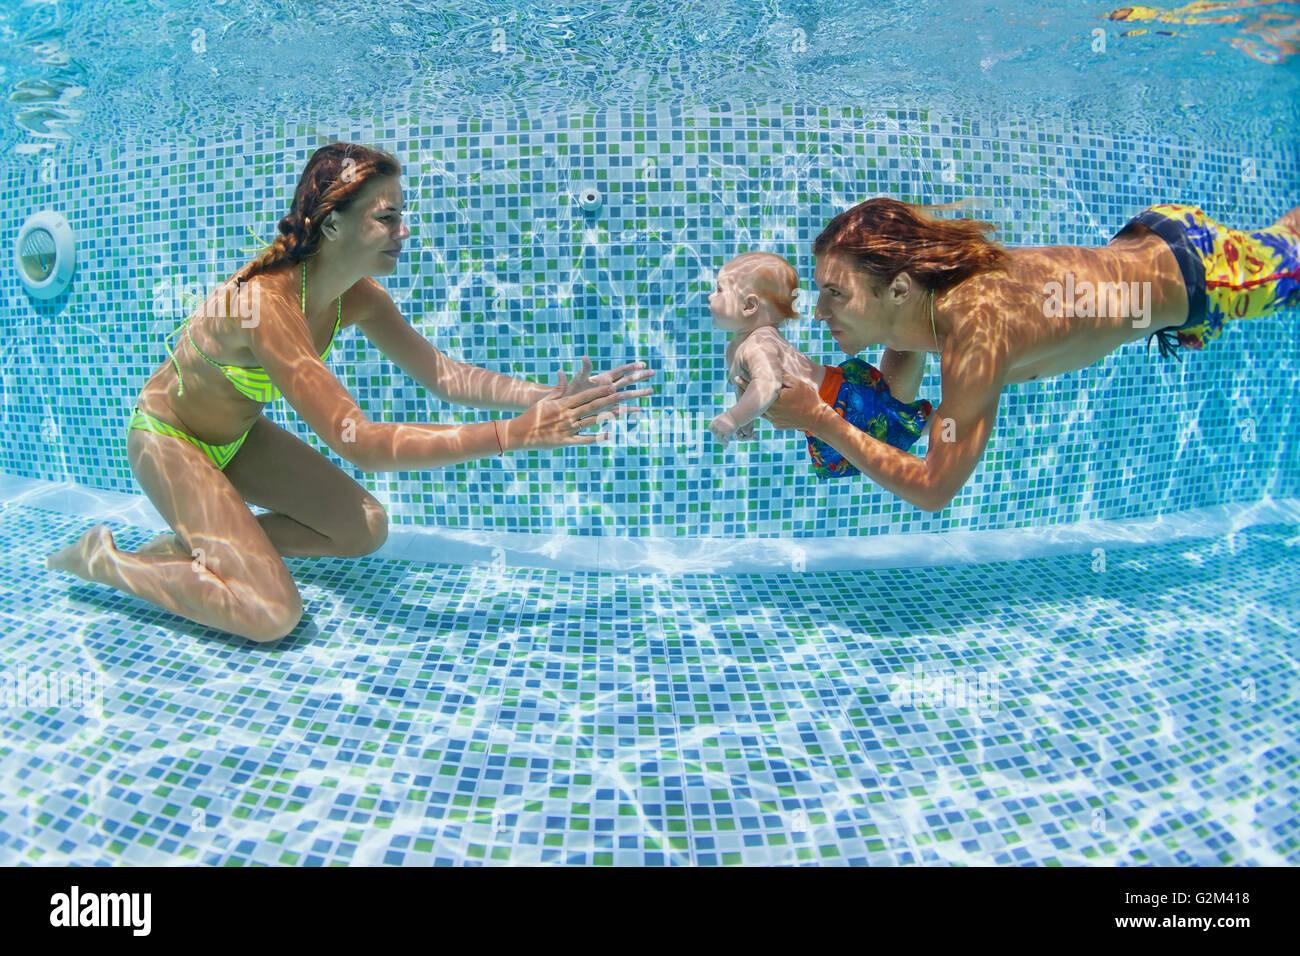 Leçon de natation enfant - bébé avec la mère, le père d'apprendre à nager, plonger Photo Stock